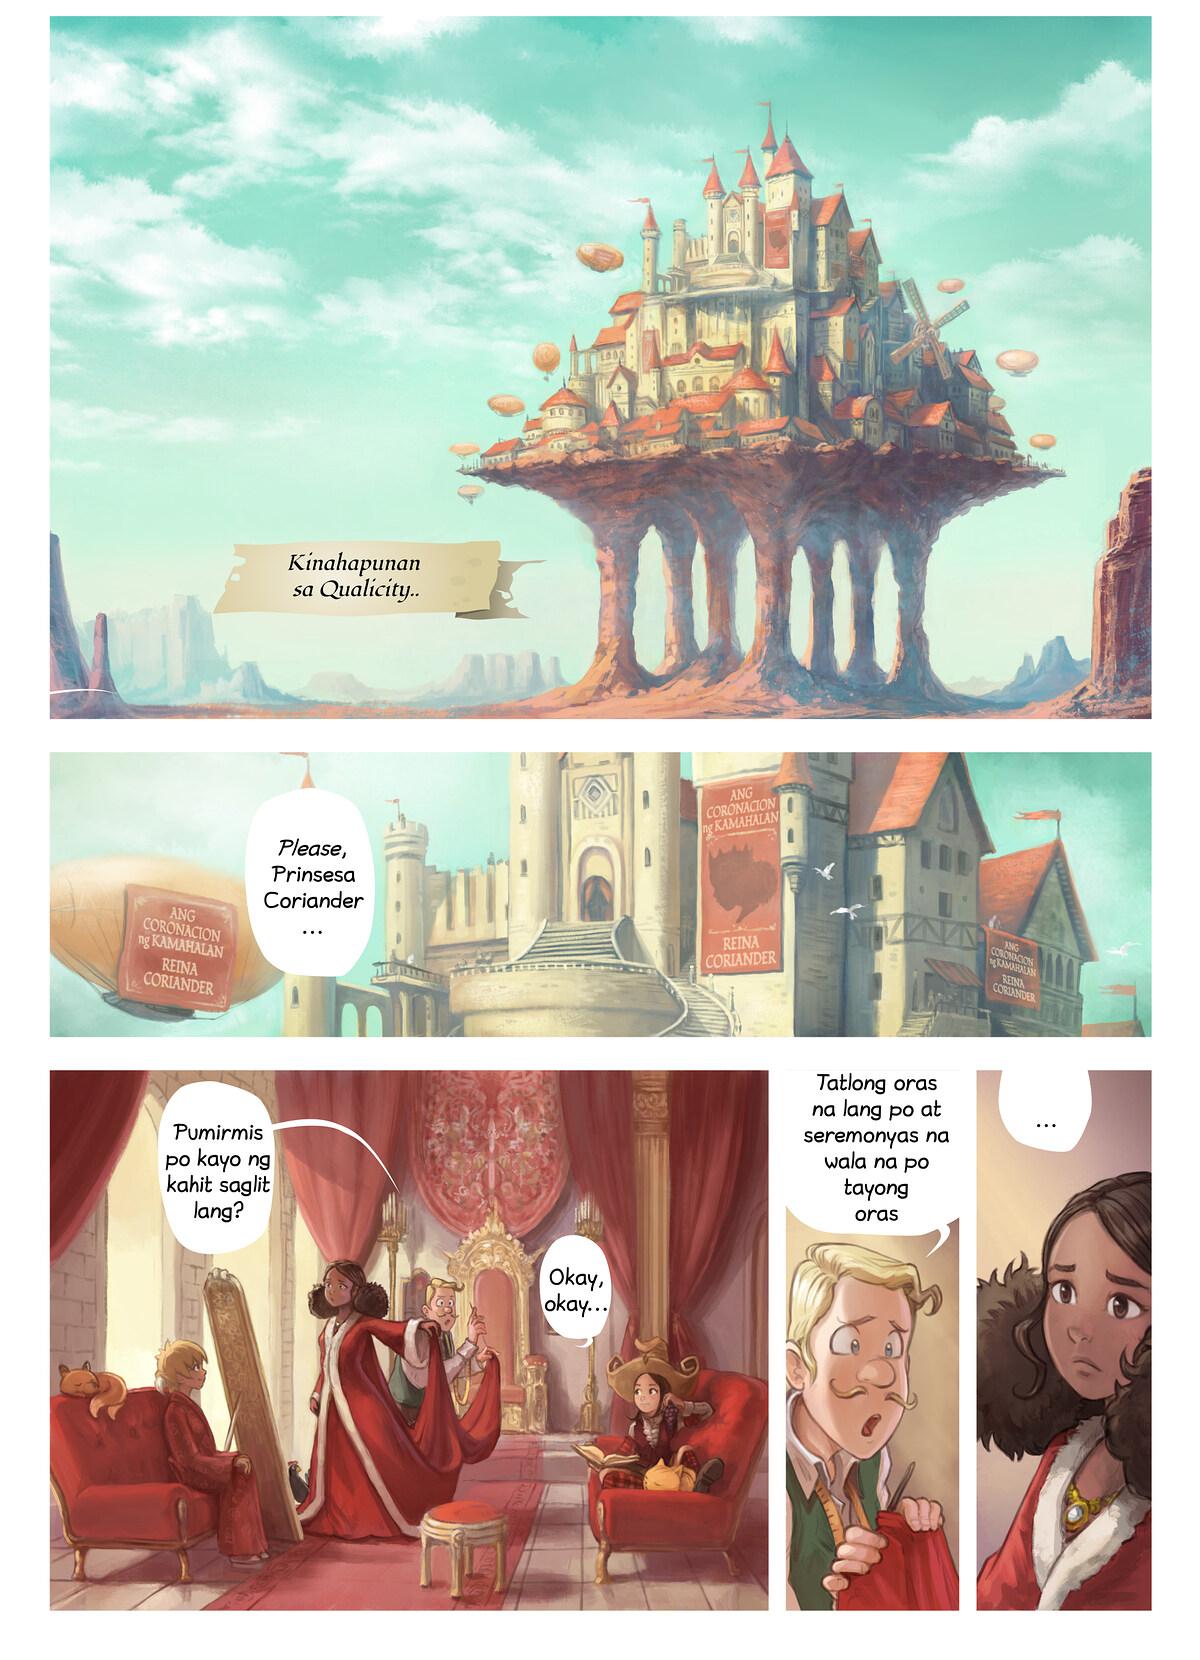 Episode 27: Coriander's Invention, Page 1